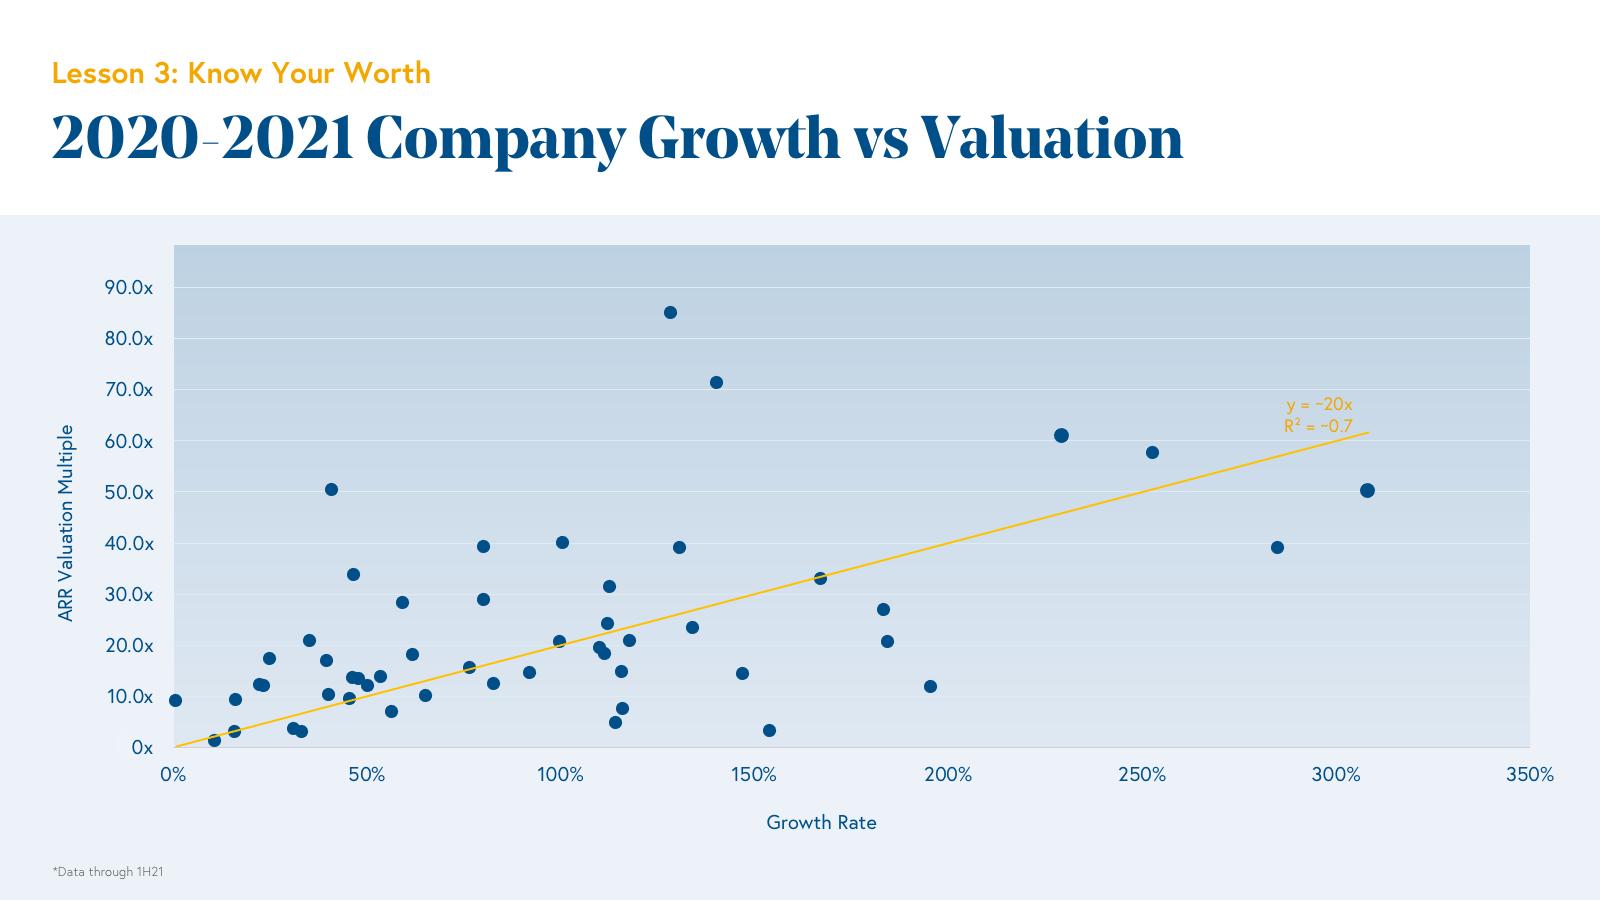 2020-2021 Company Growth vs Valuation Chart